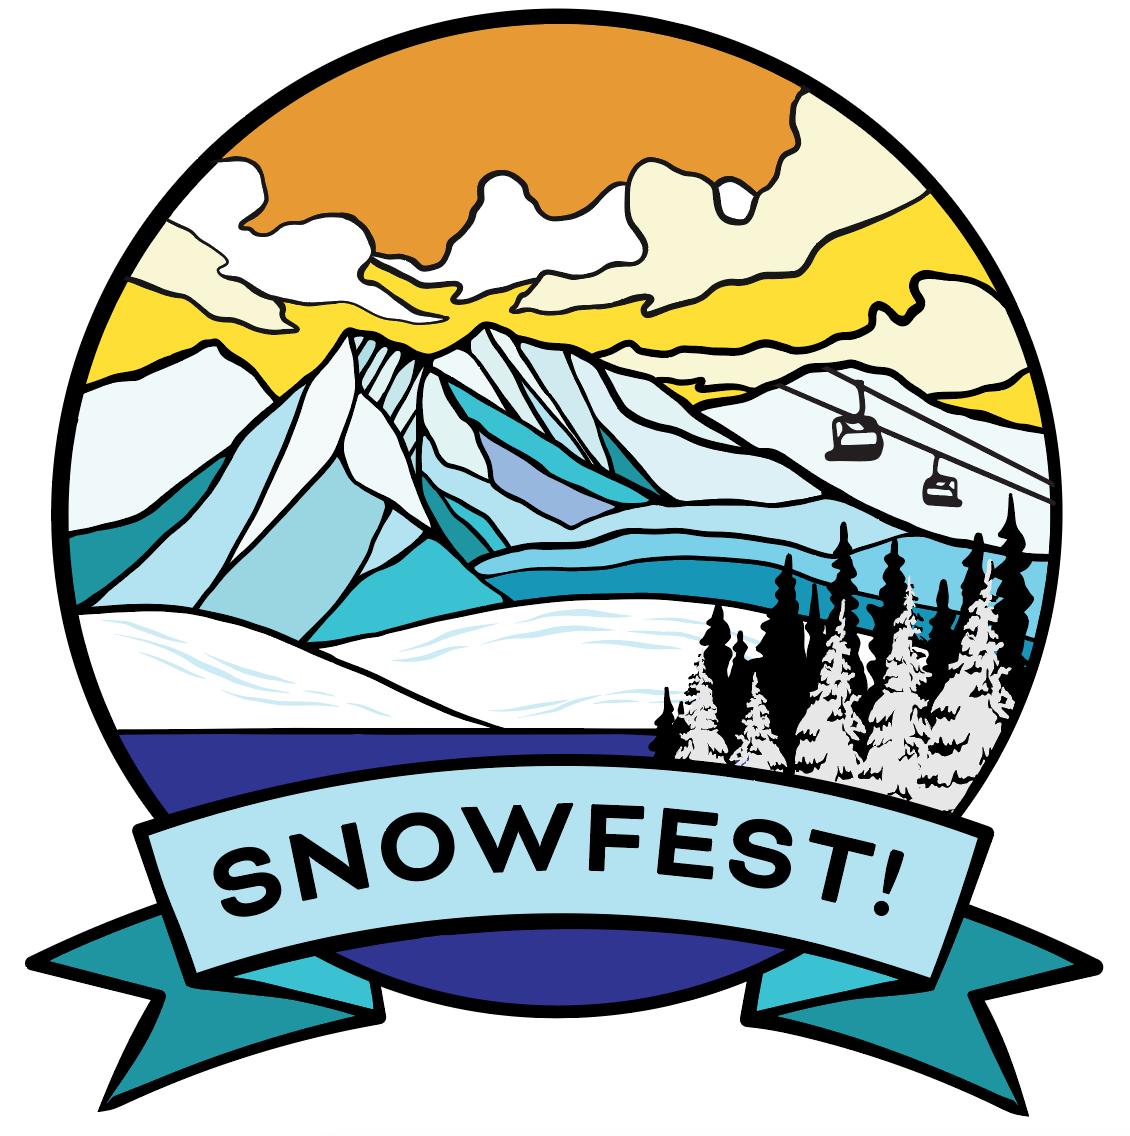 SNOWFEST! -